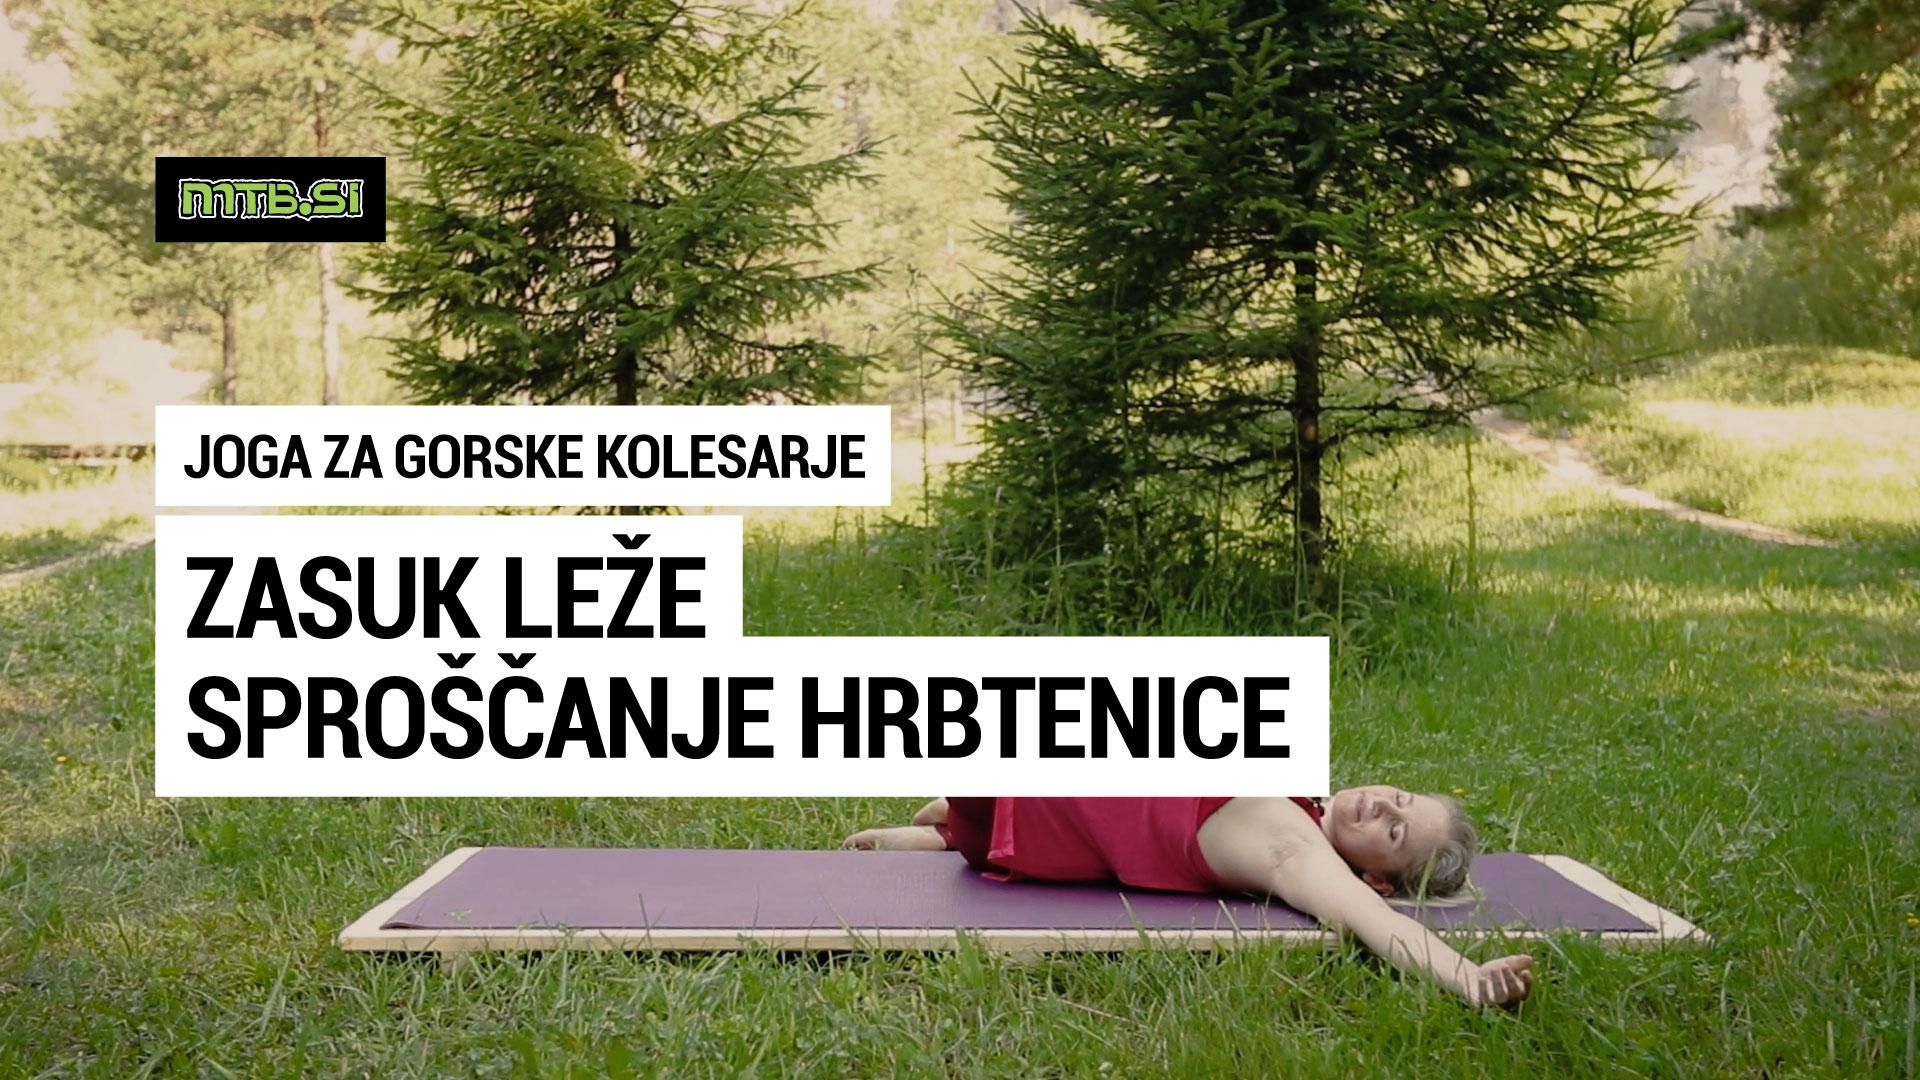 Zasuk leže - sproščanje hrbtenice - joga za gorske kolesarje